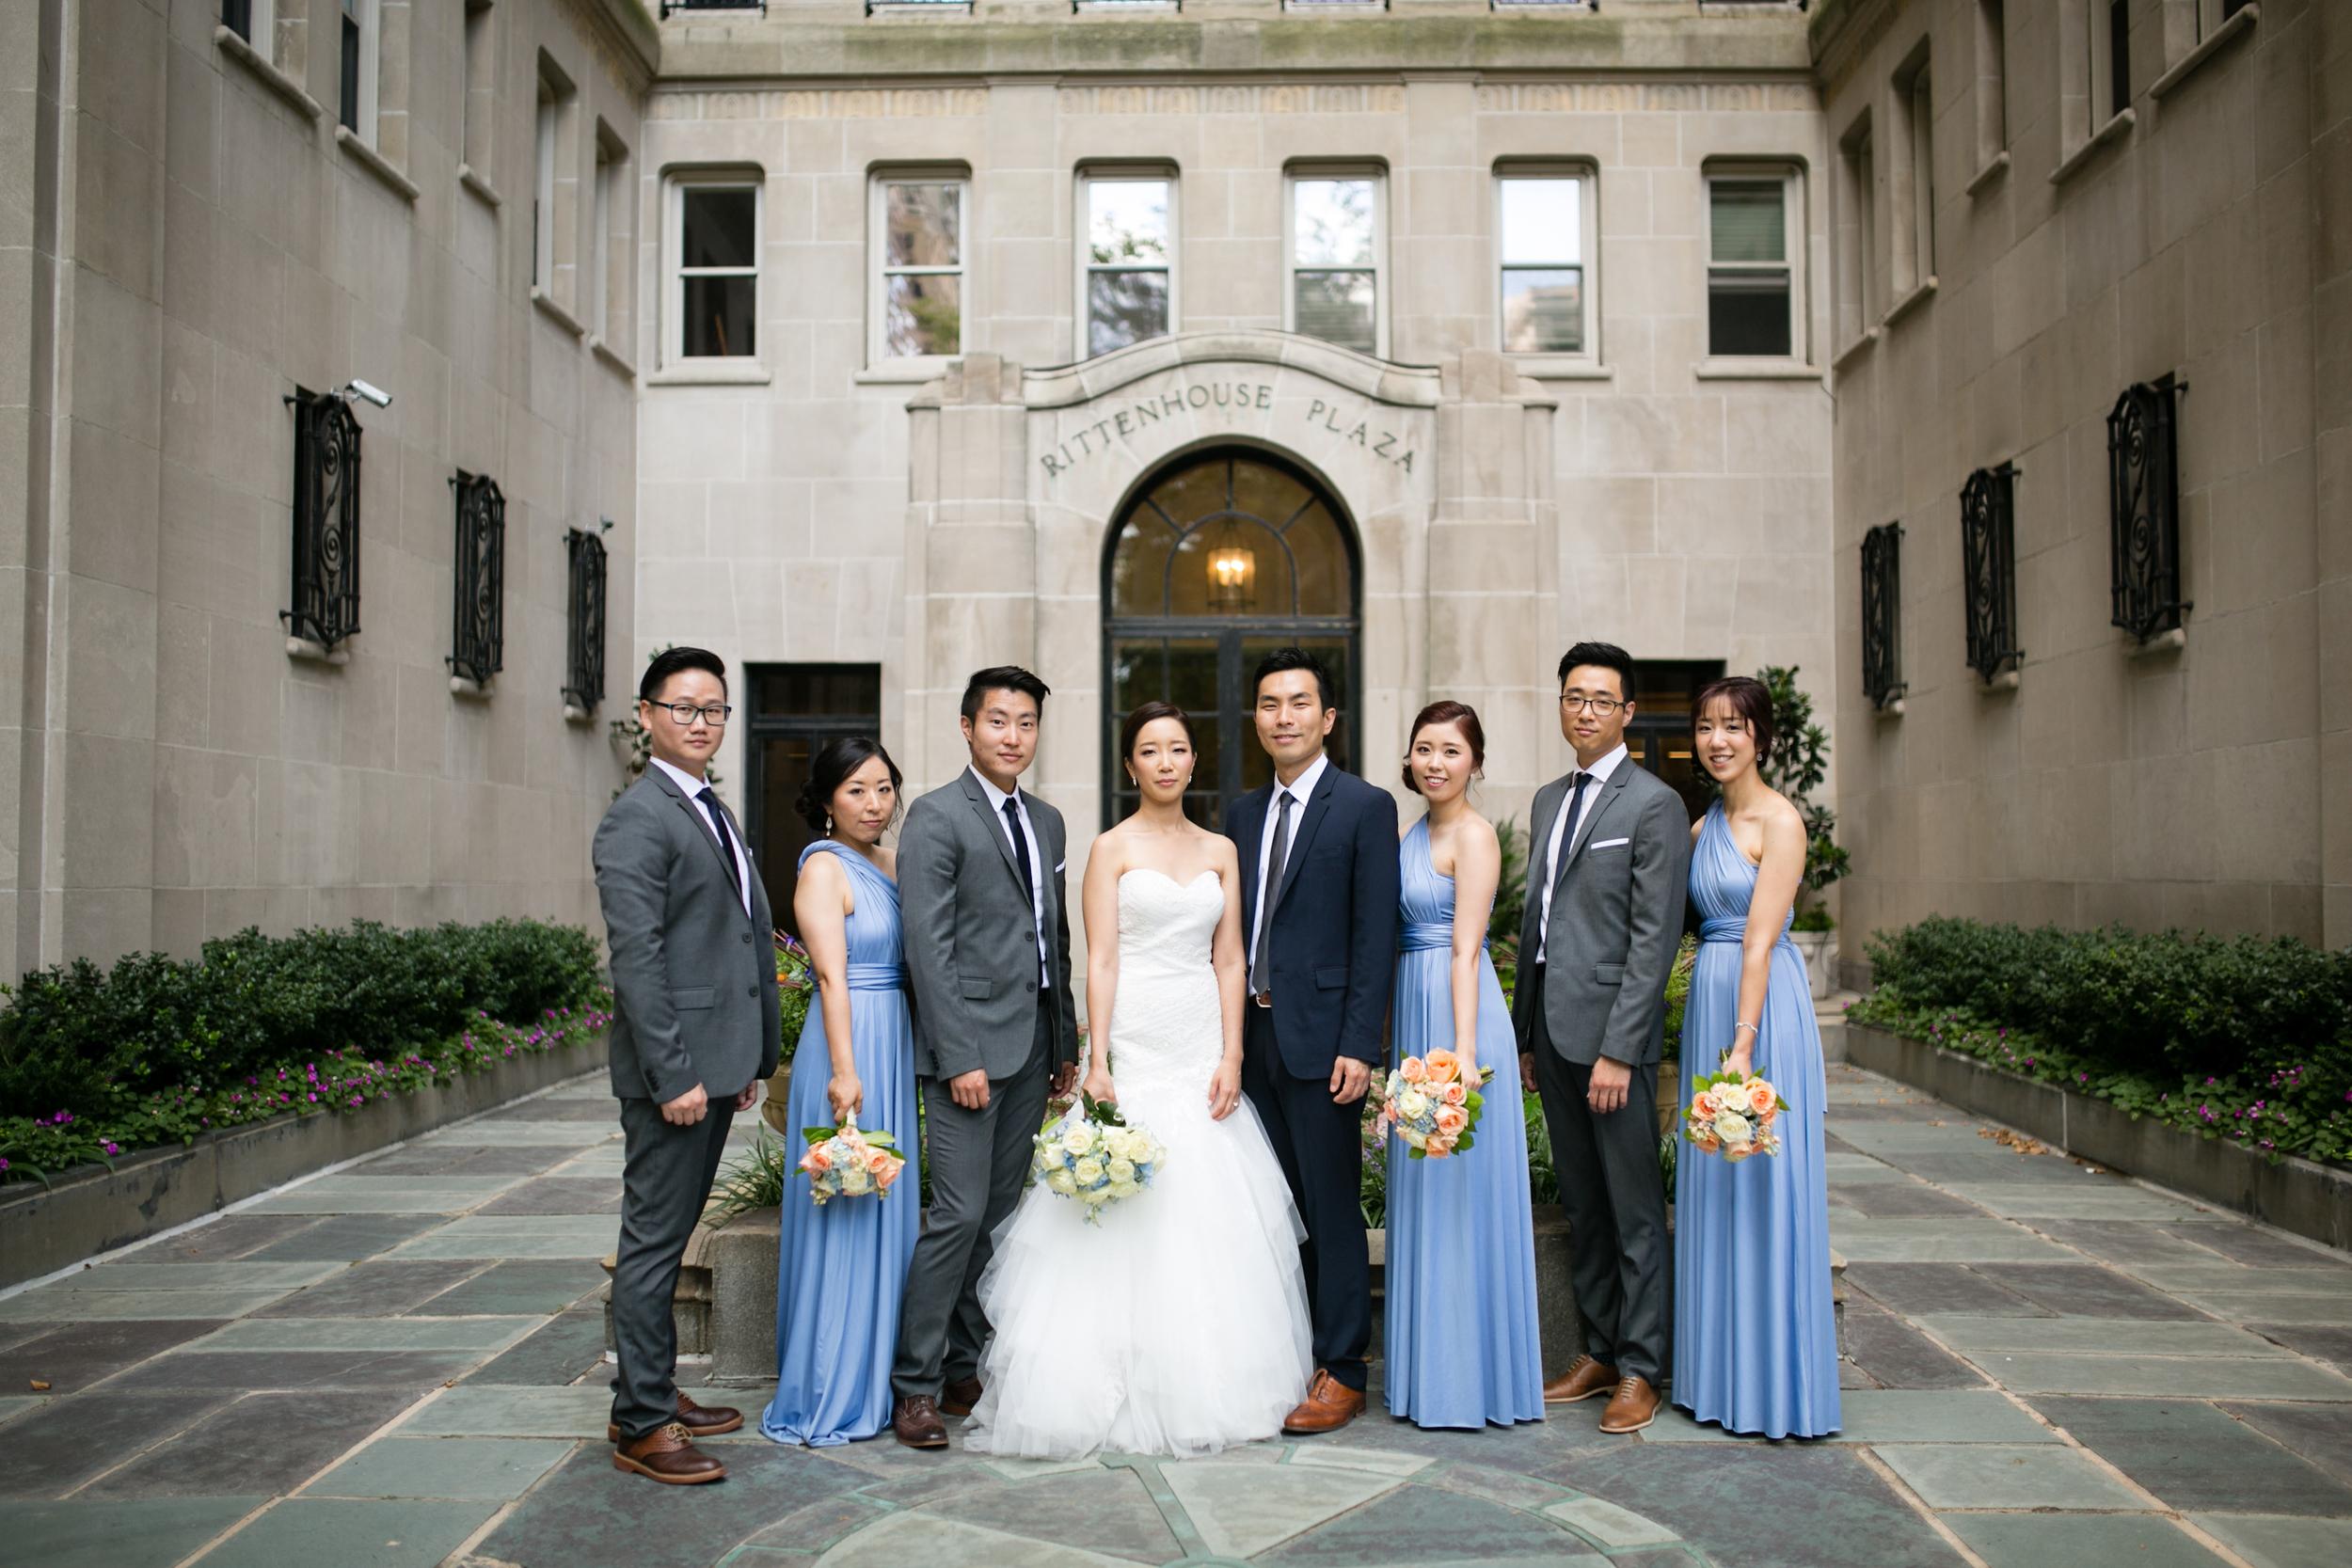 Racquet Club wedding by Peach Plum Pear Photo_013.jpg